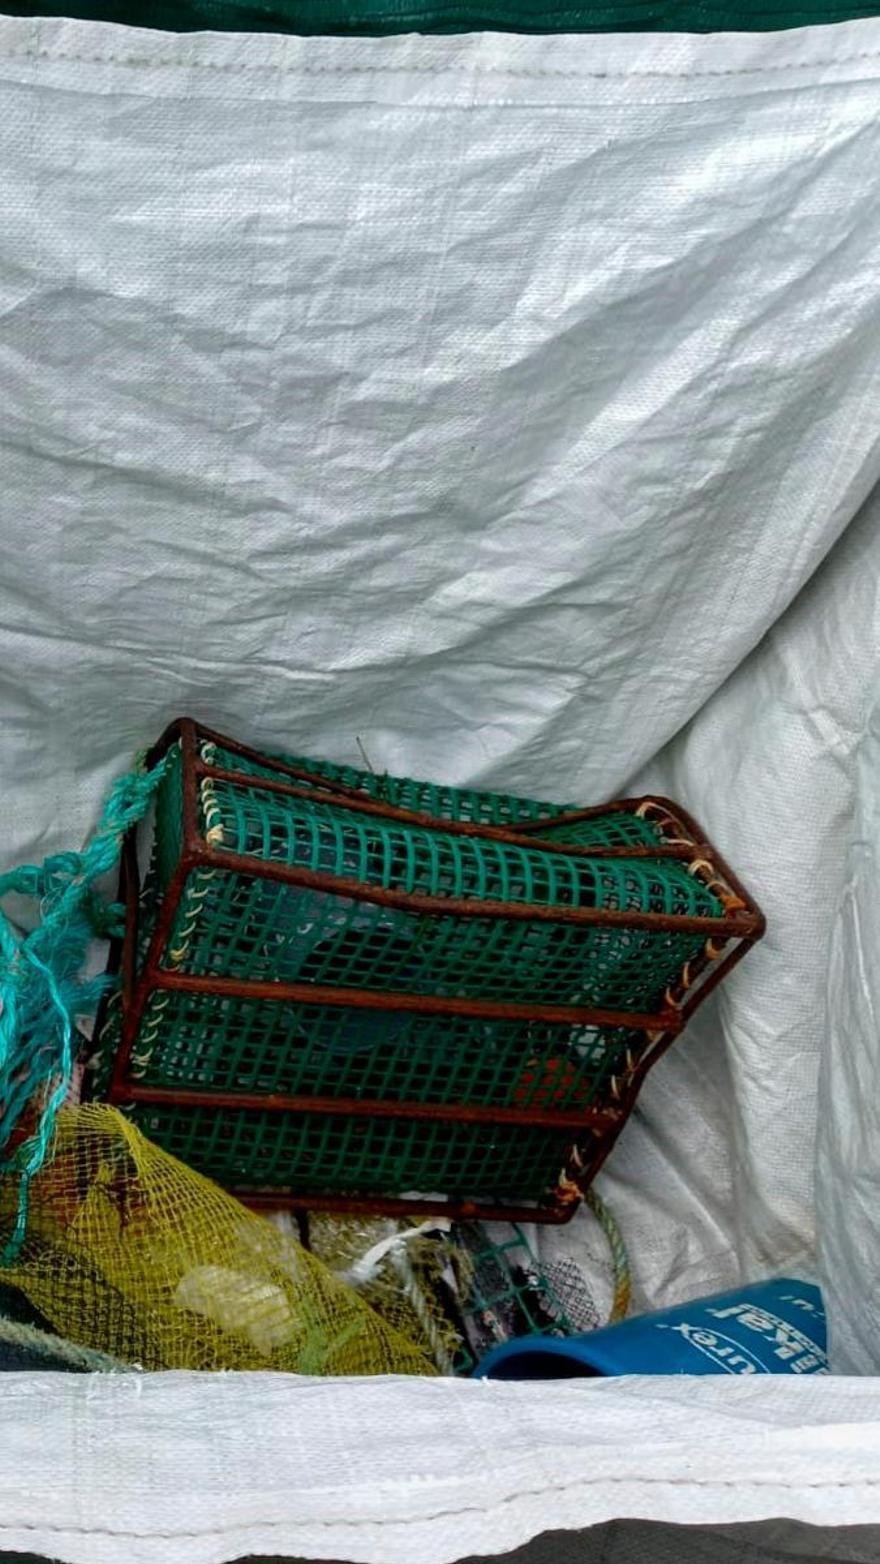 Los viejos útiles de pesca y marisqueo están muy presentes entre la basura.